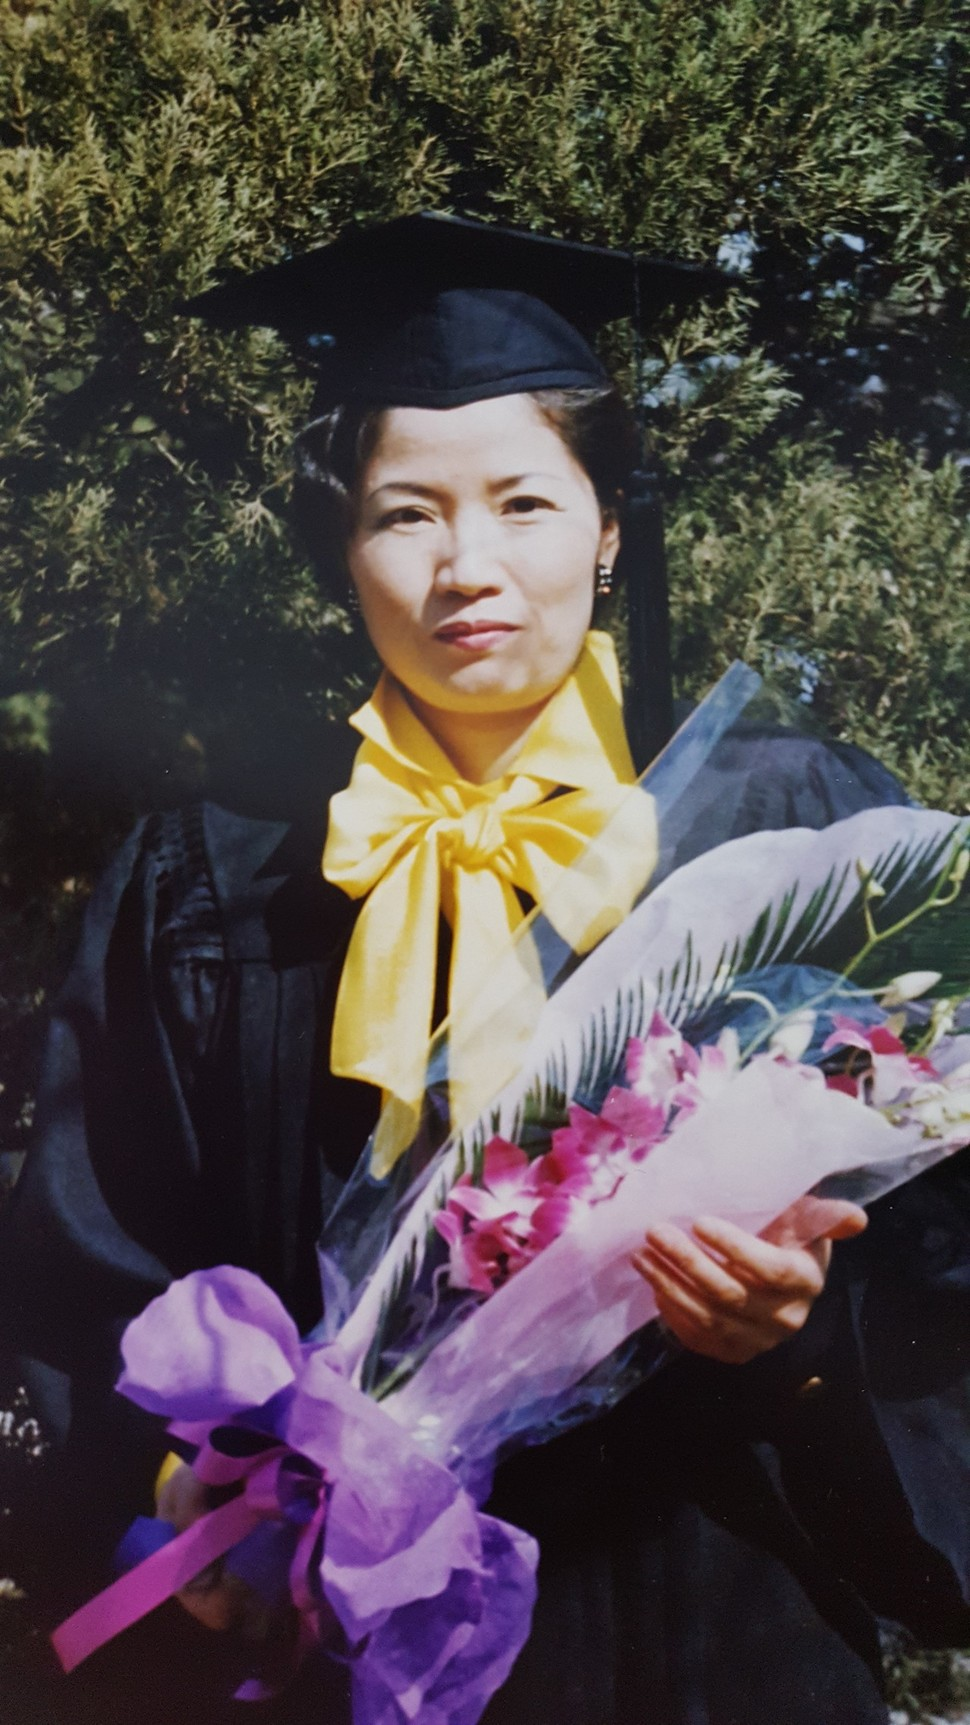 1996년 2월 서울교대 학사학위 받던 날. 1980년 입학 당시 서울교대는 2년제였던지라 졸업 이후 3년간 방학 때마다 계절학기 강의를 수강해 4년제 졸업장을 받았다.